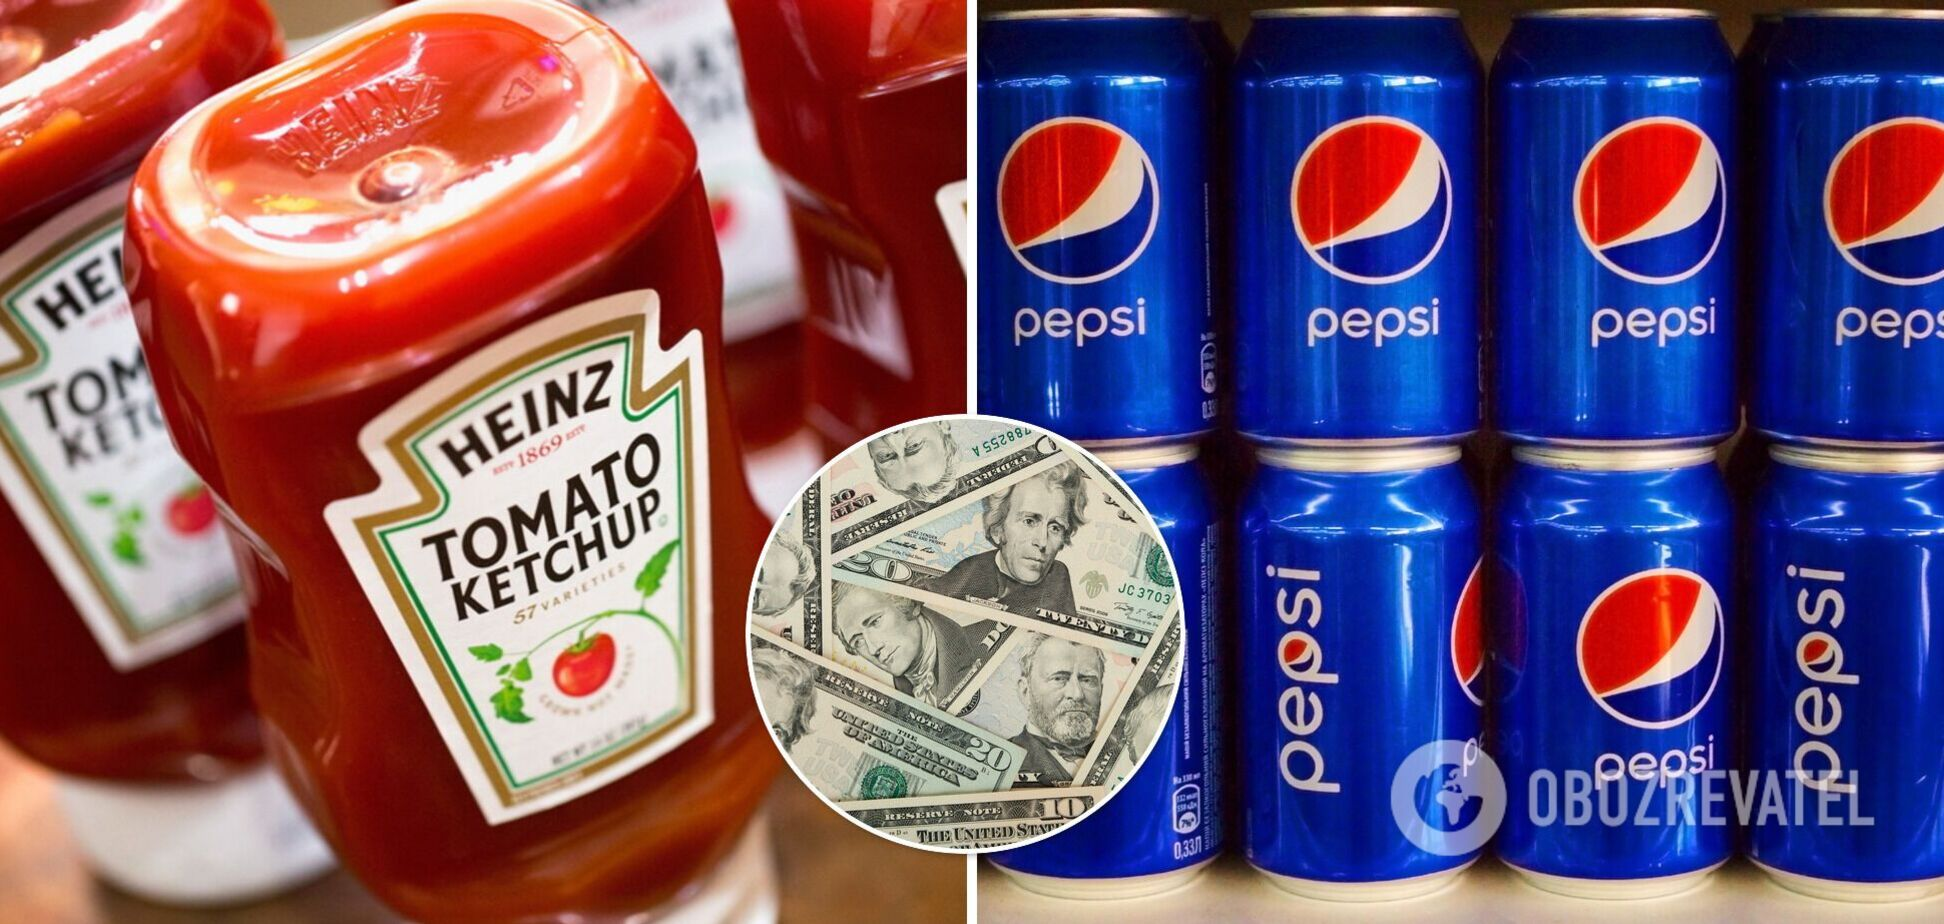 У Kraft Heinz і PepsiCo заявили про майбутнє підвищення цін